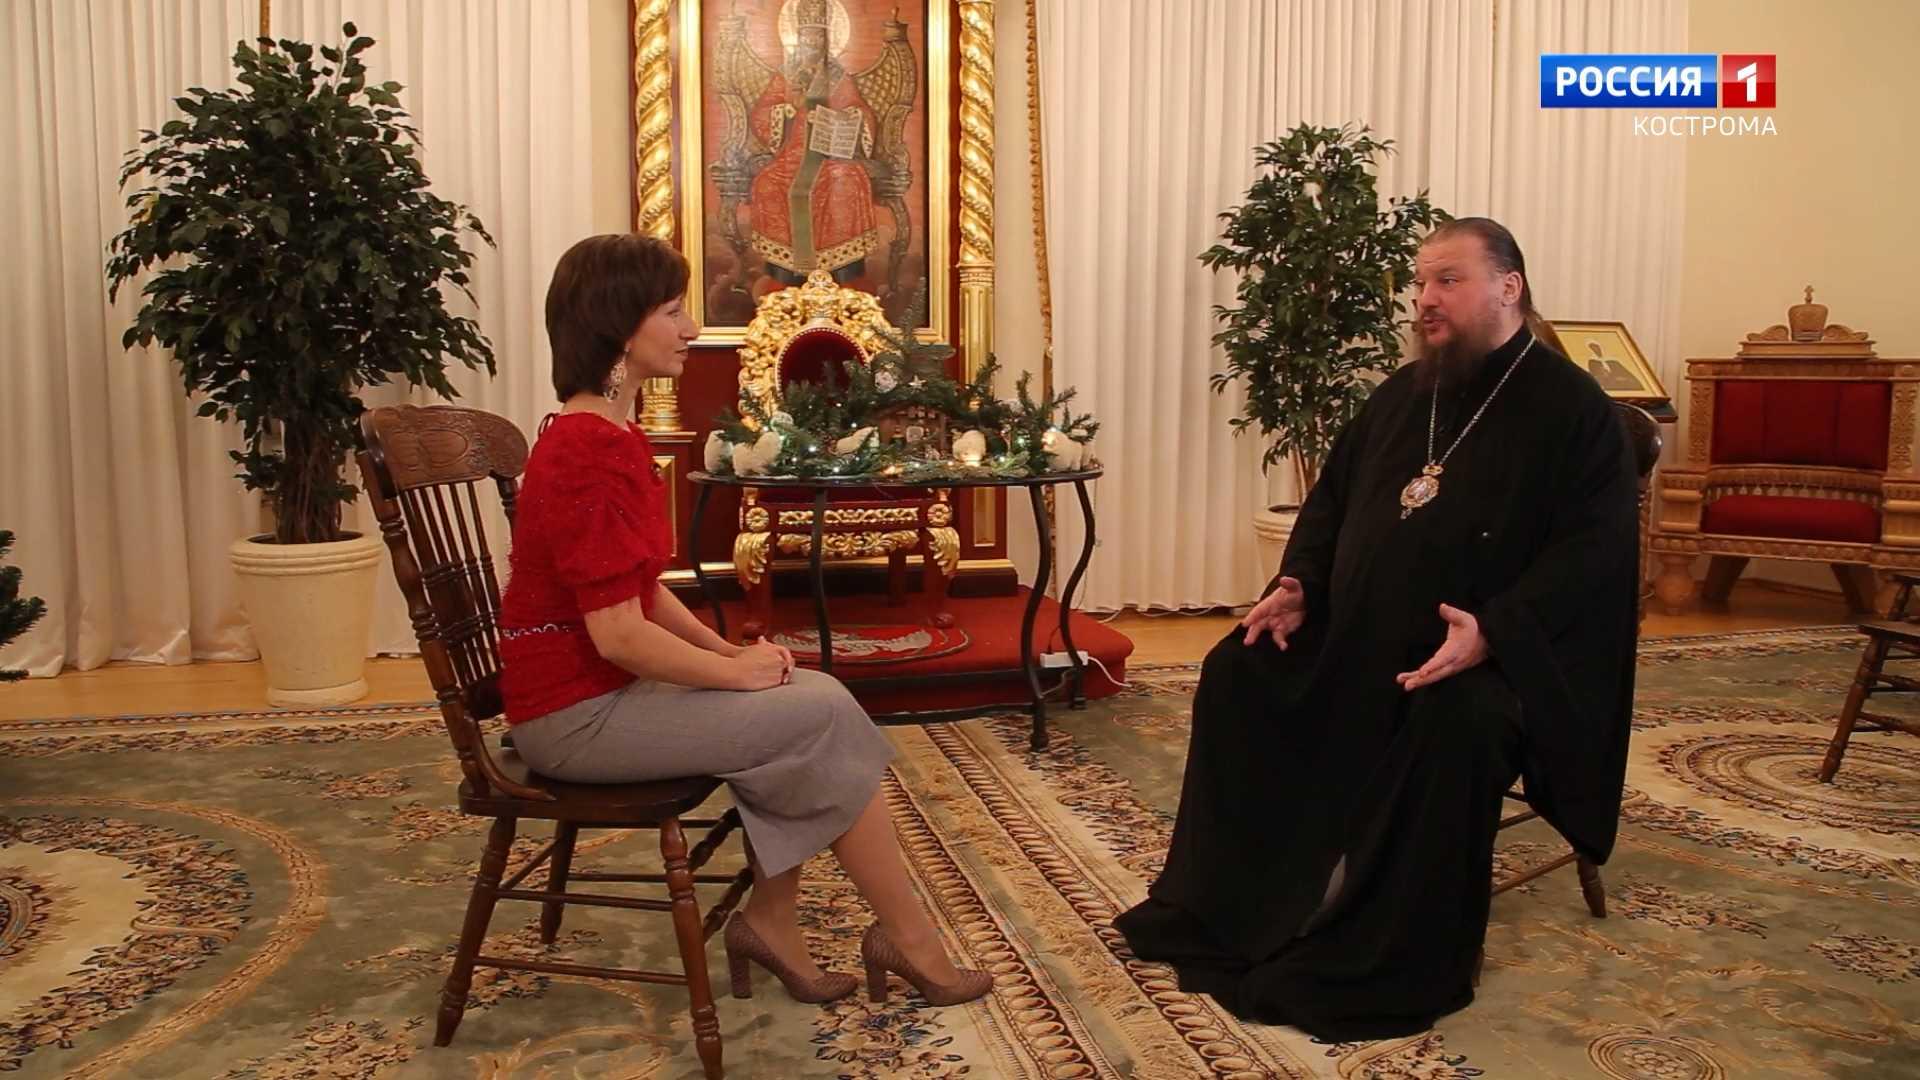 Митрополит Ферапонт рассказал костромичам о празднике Крещения